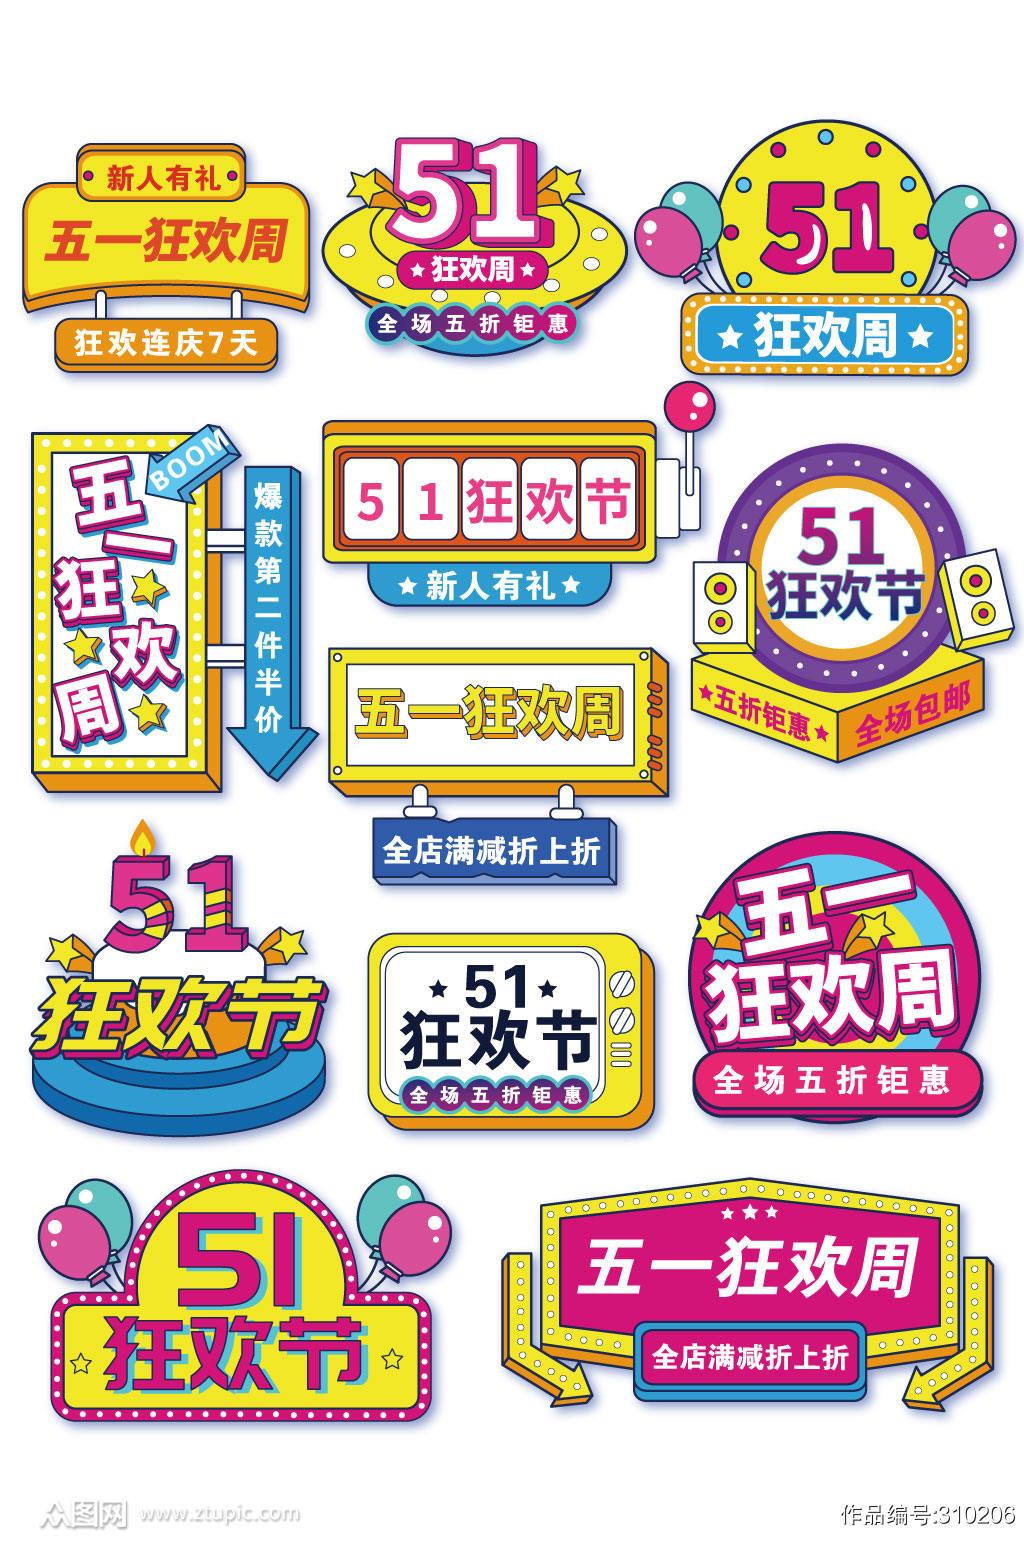 淘宝天猫五一劳动节狂欢周电商标签素材素材